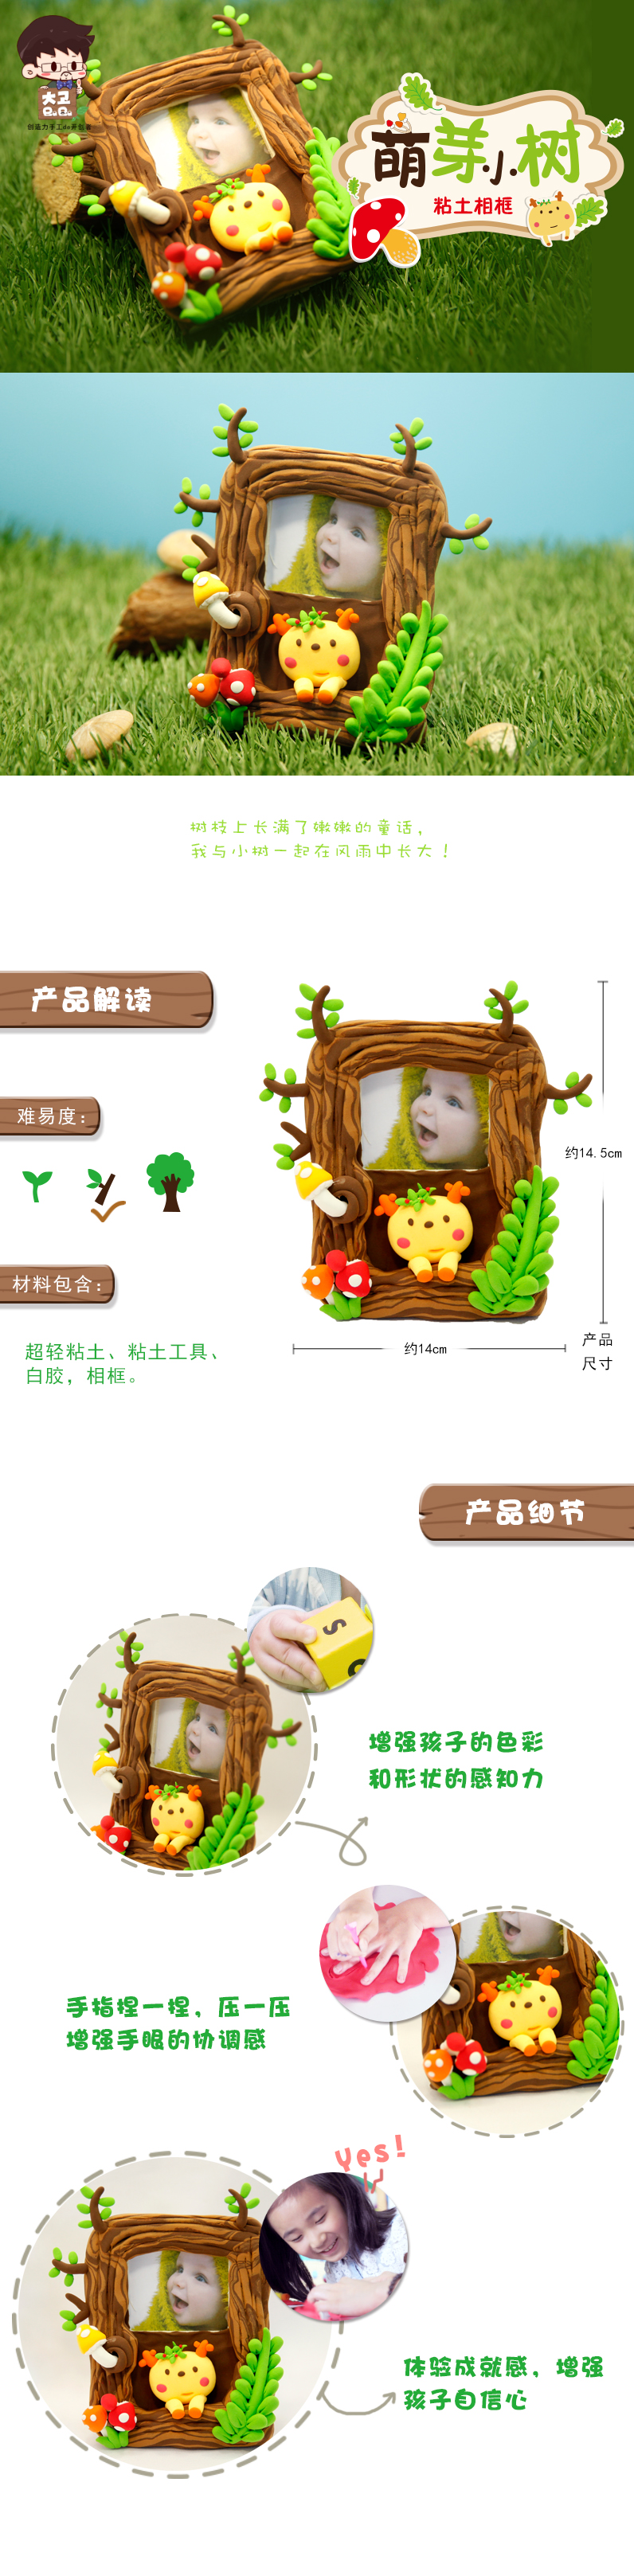 萌芽小树相框儿童手工diy制作材料包橡皮泥